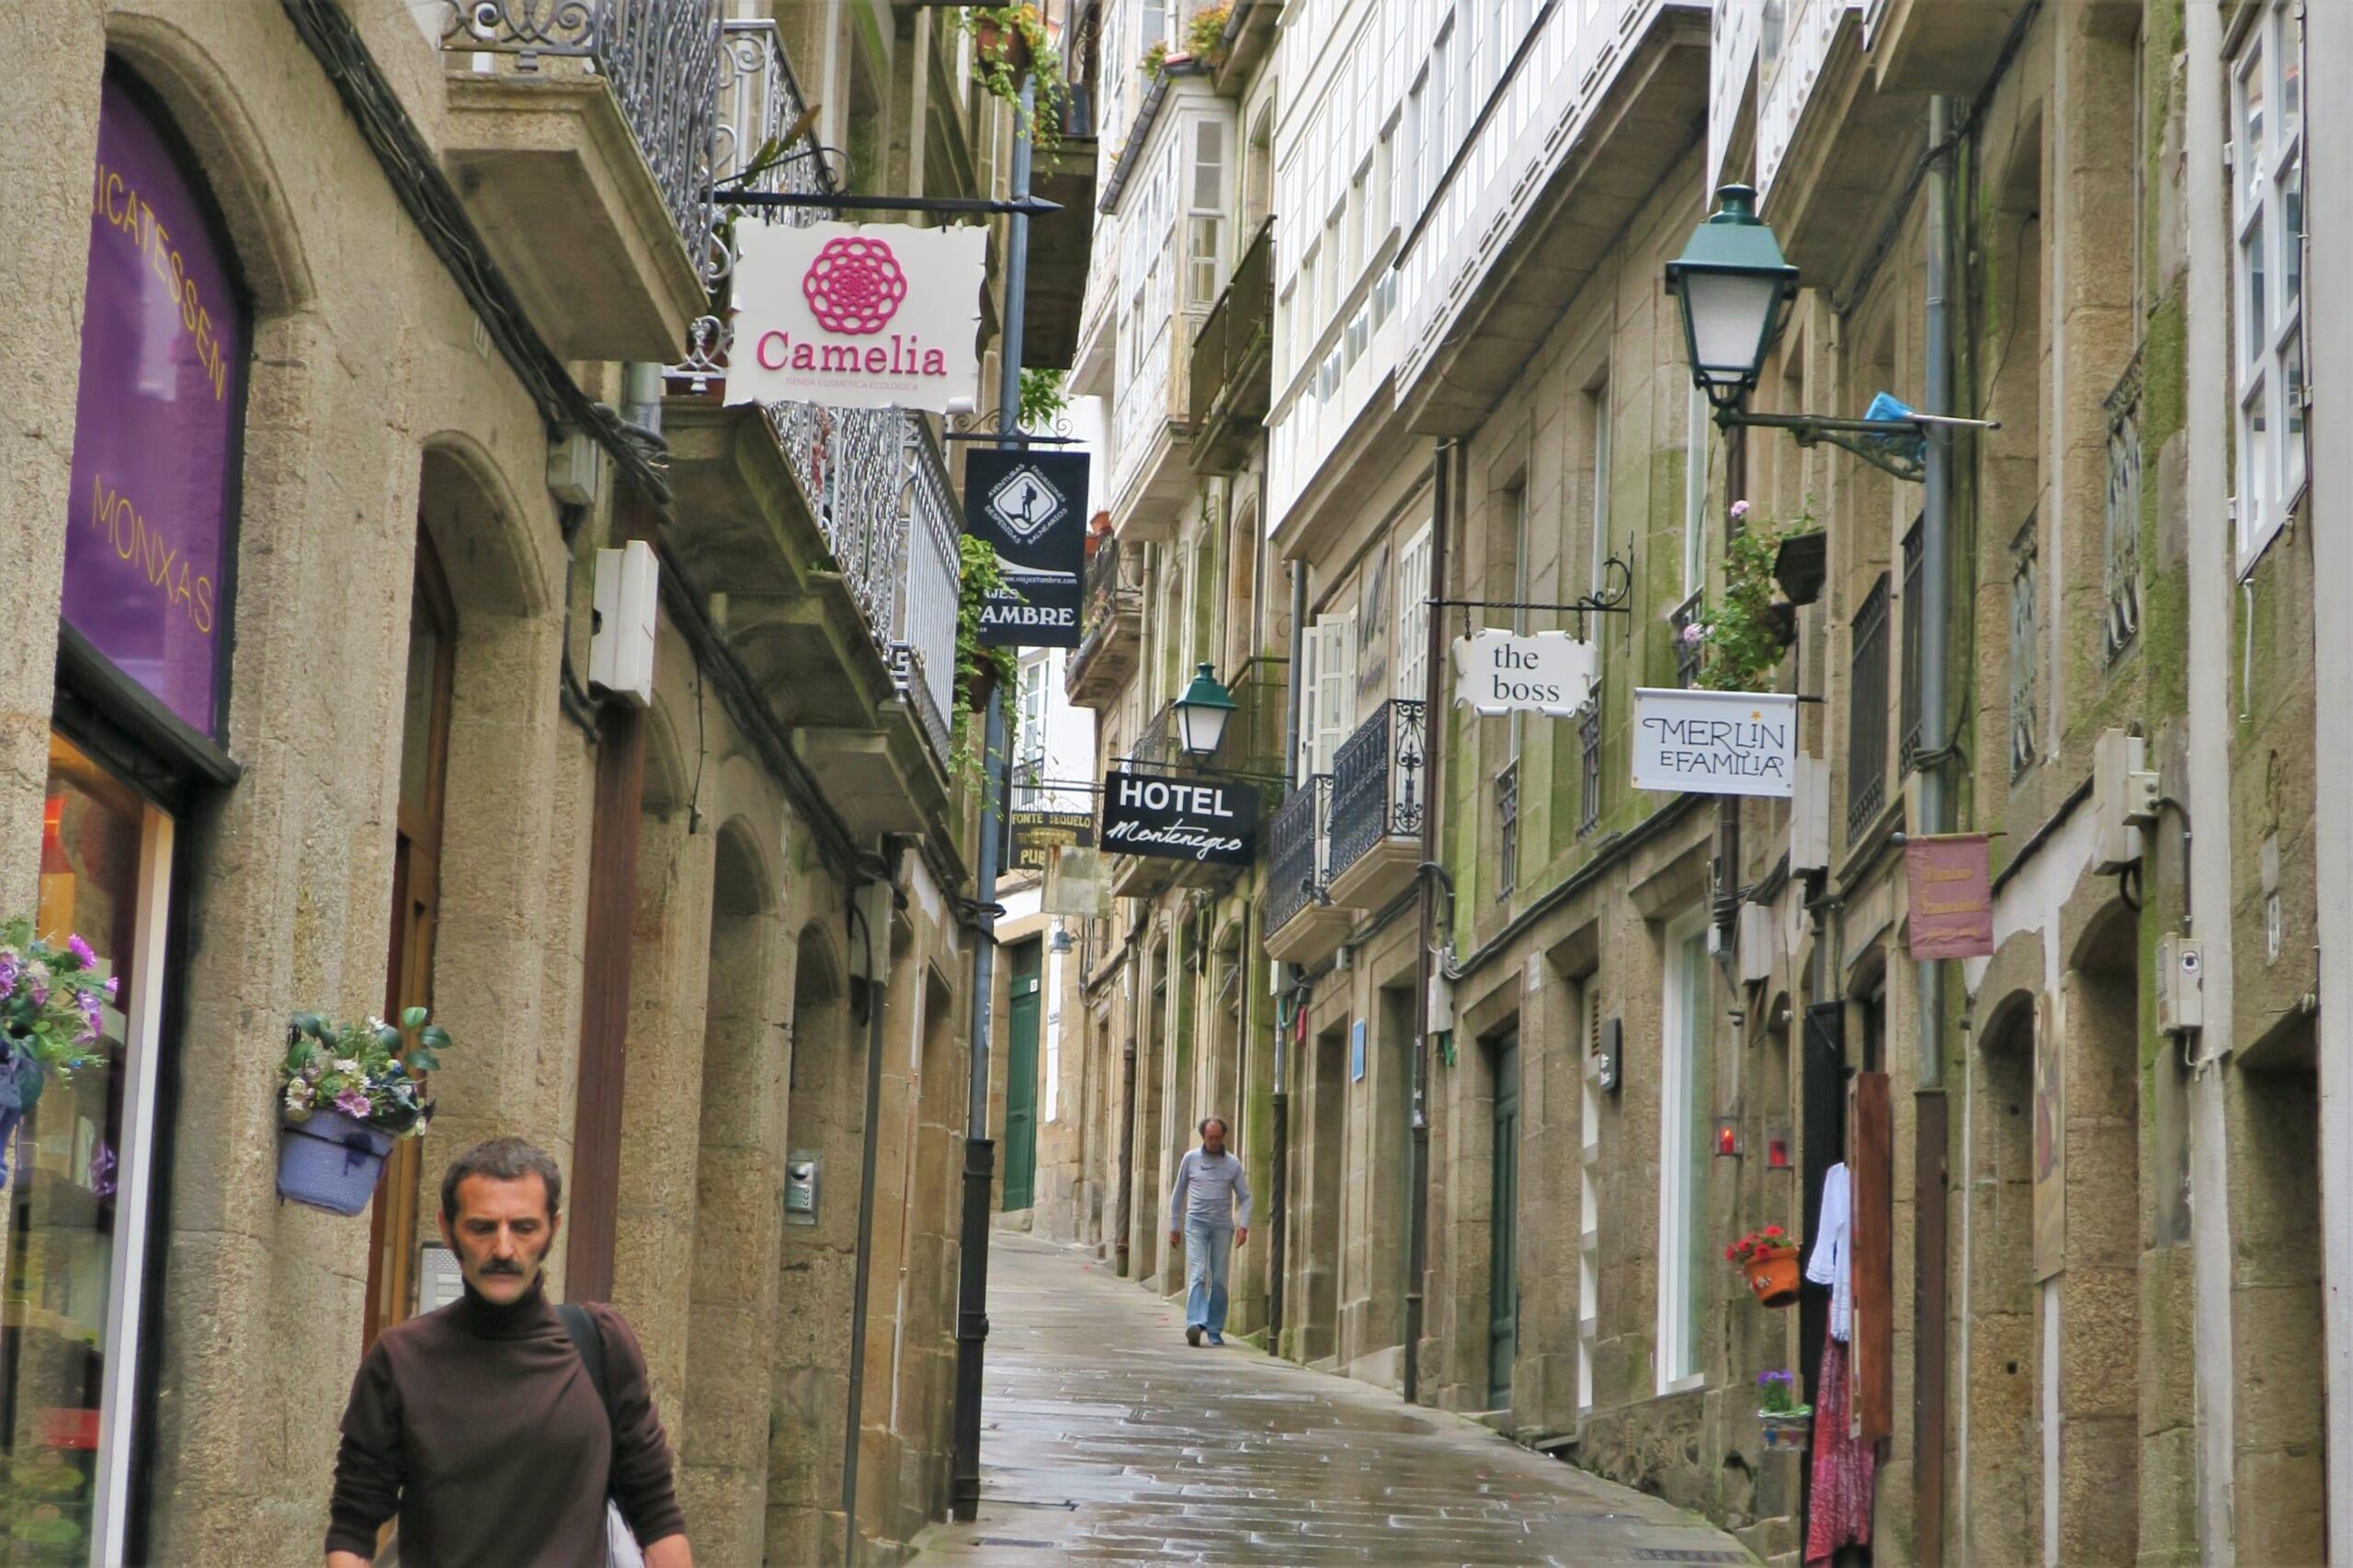 北スペインの観光スポットであるガリシアのサンティアゴ・デ・コンポステーラ旧市街